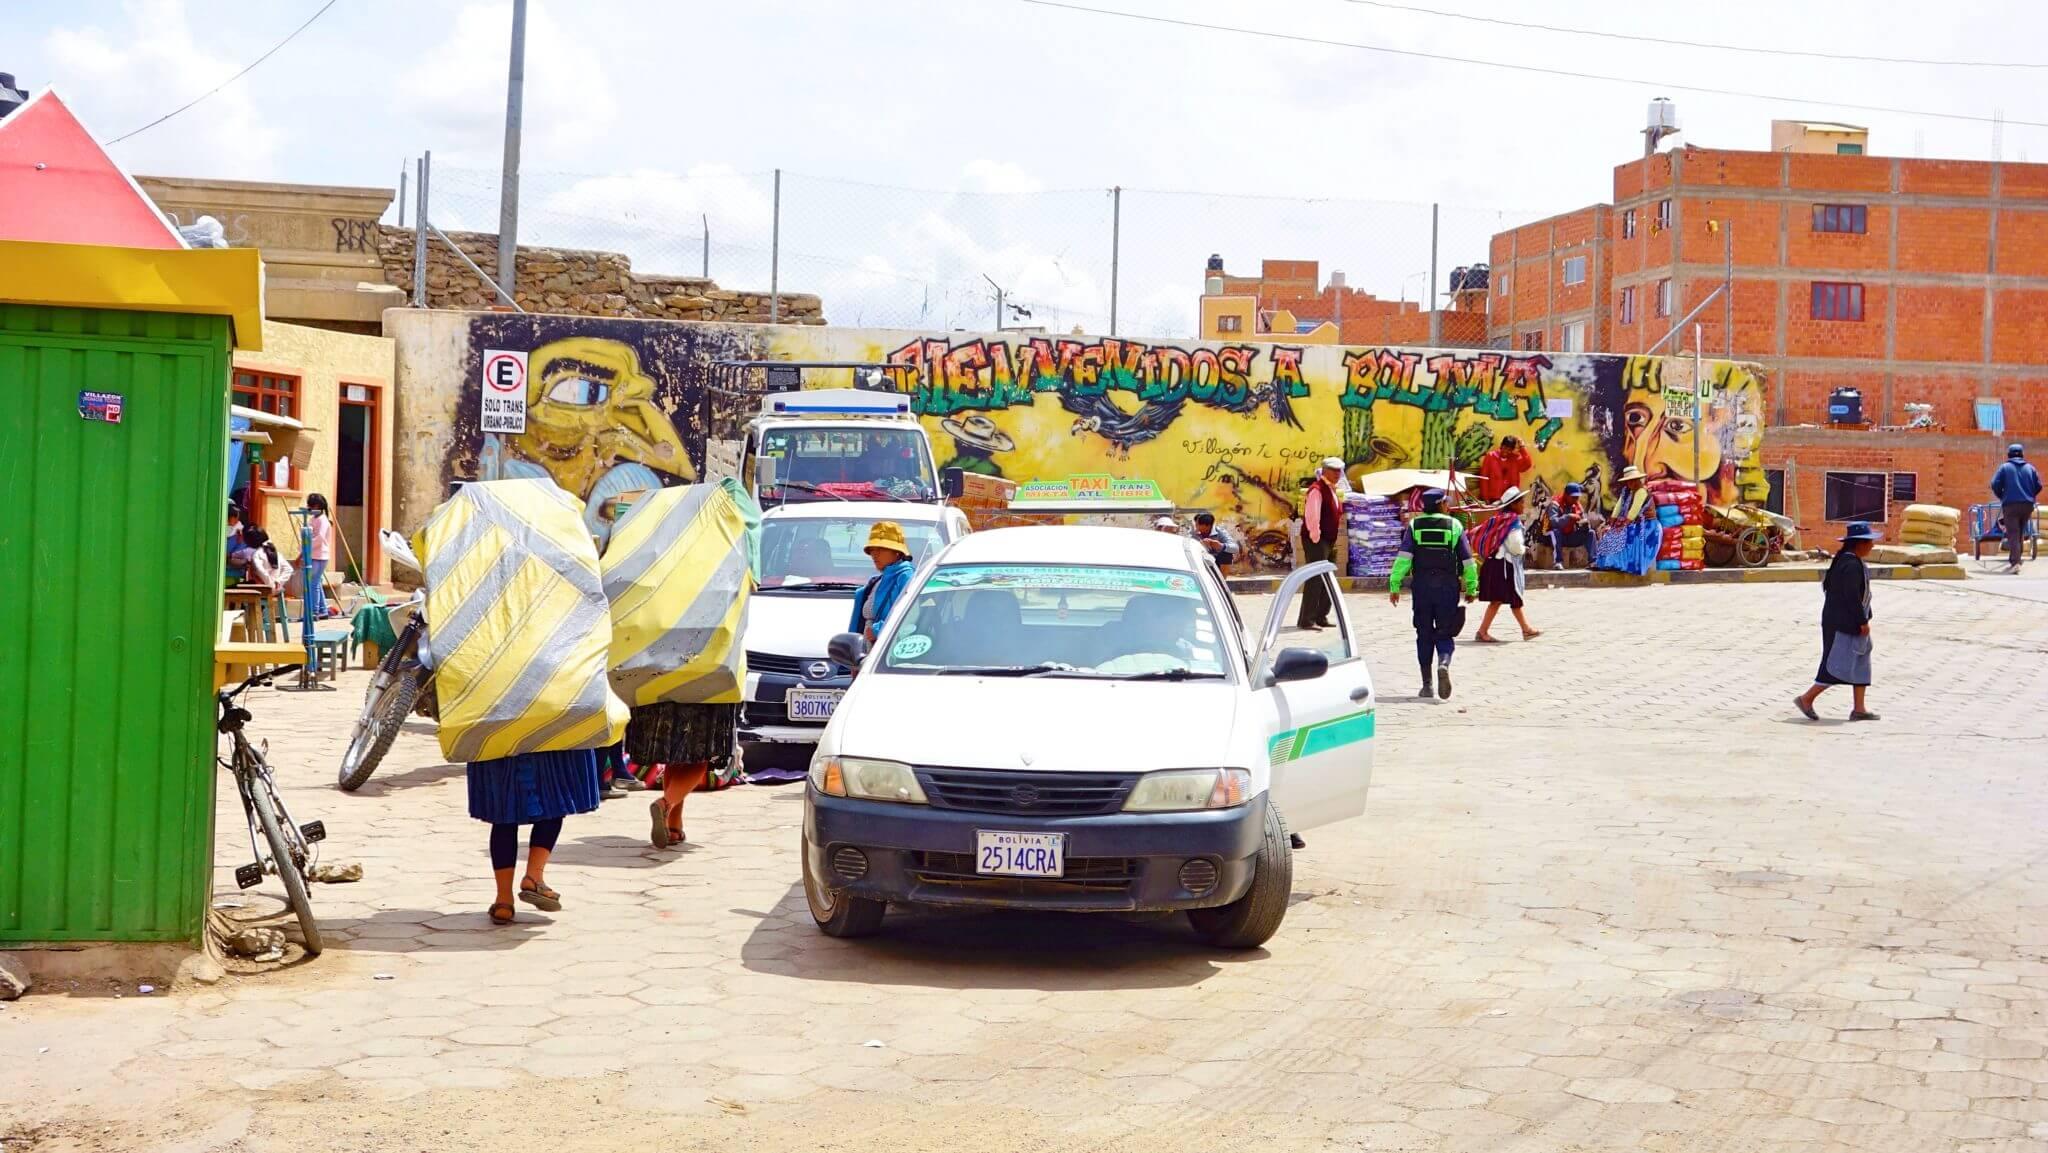 国境越え!ボリビア最後の町ヴィジャソンからアルゼンチン、ラ・キアカへ